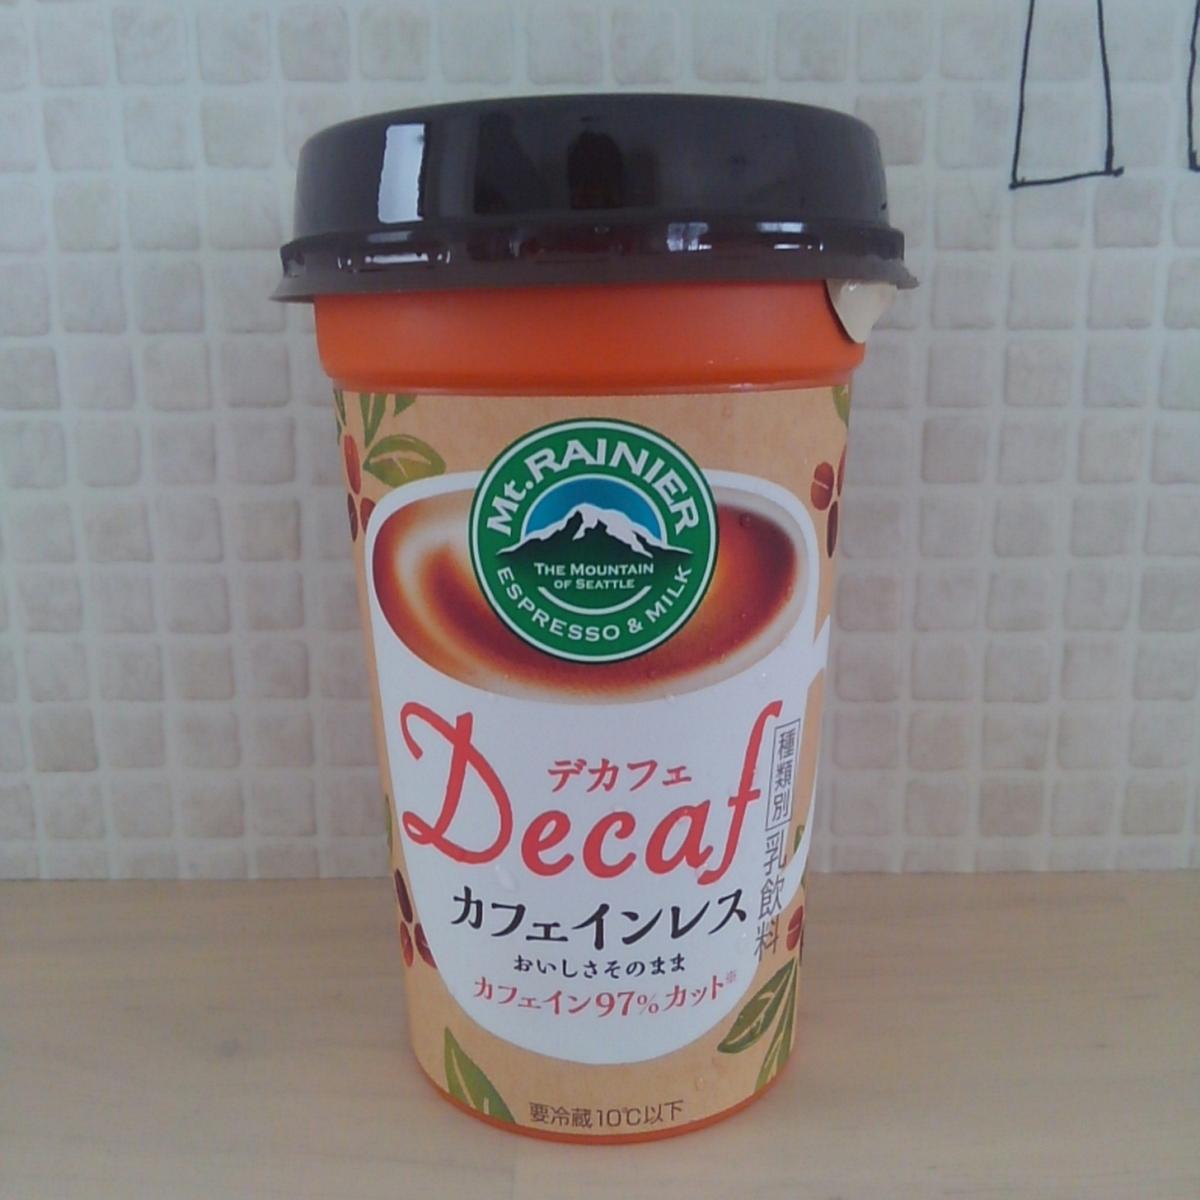 マウントレーニア デカフェ Decaf